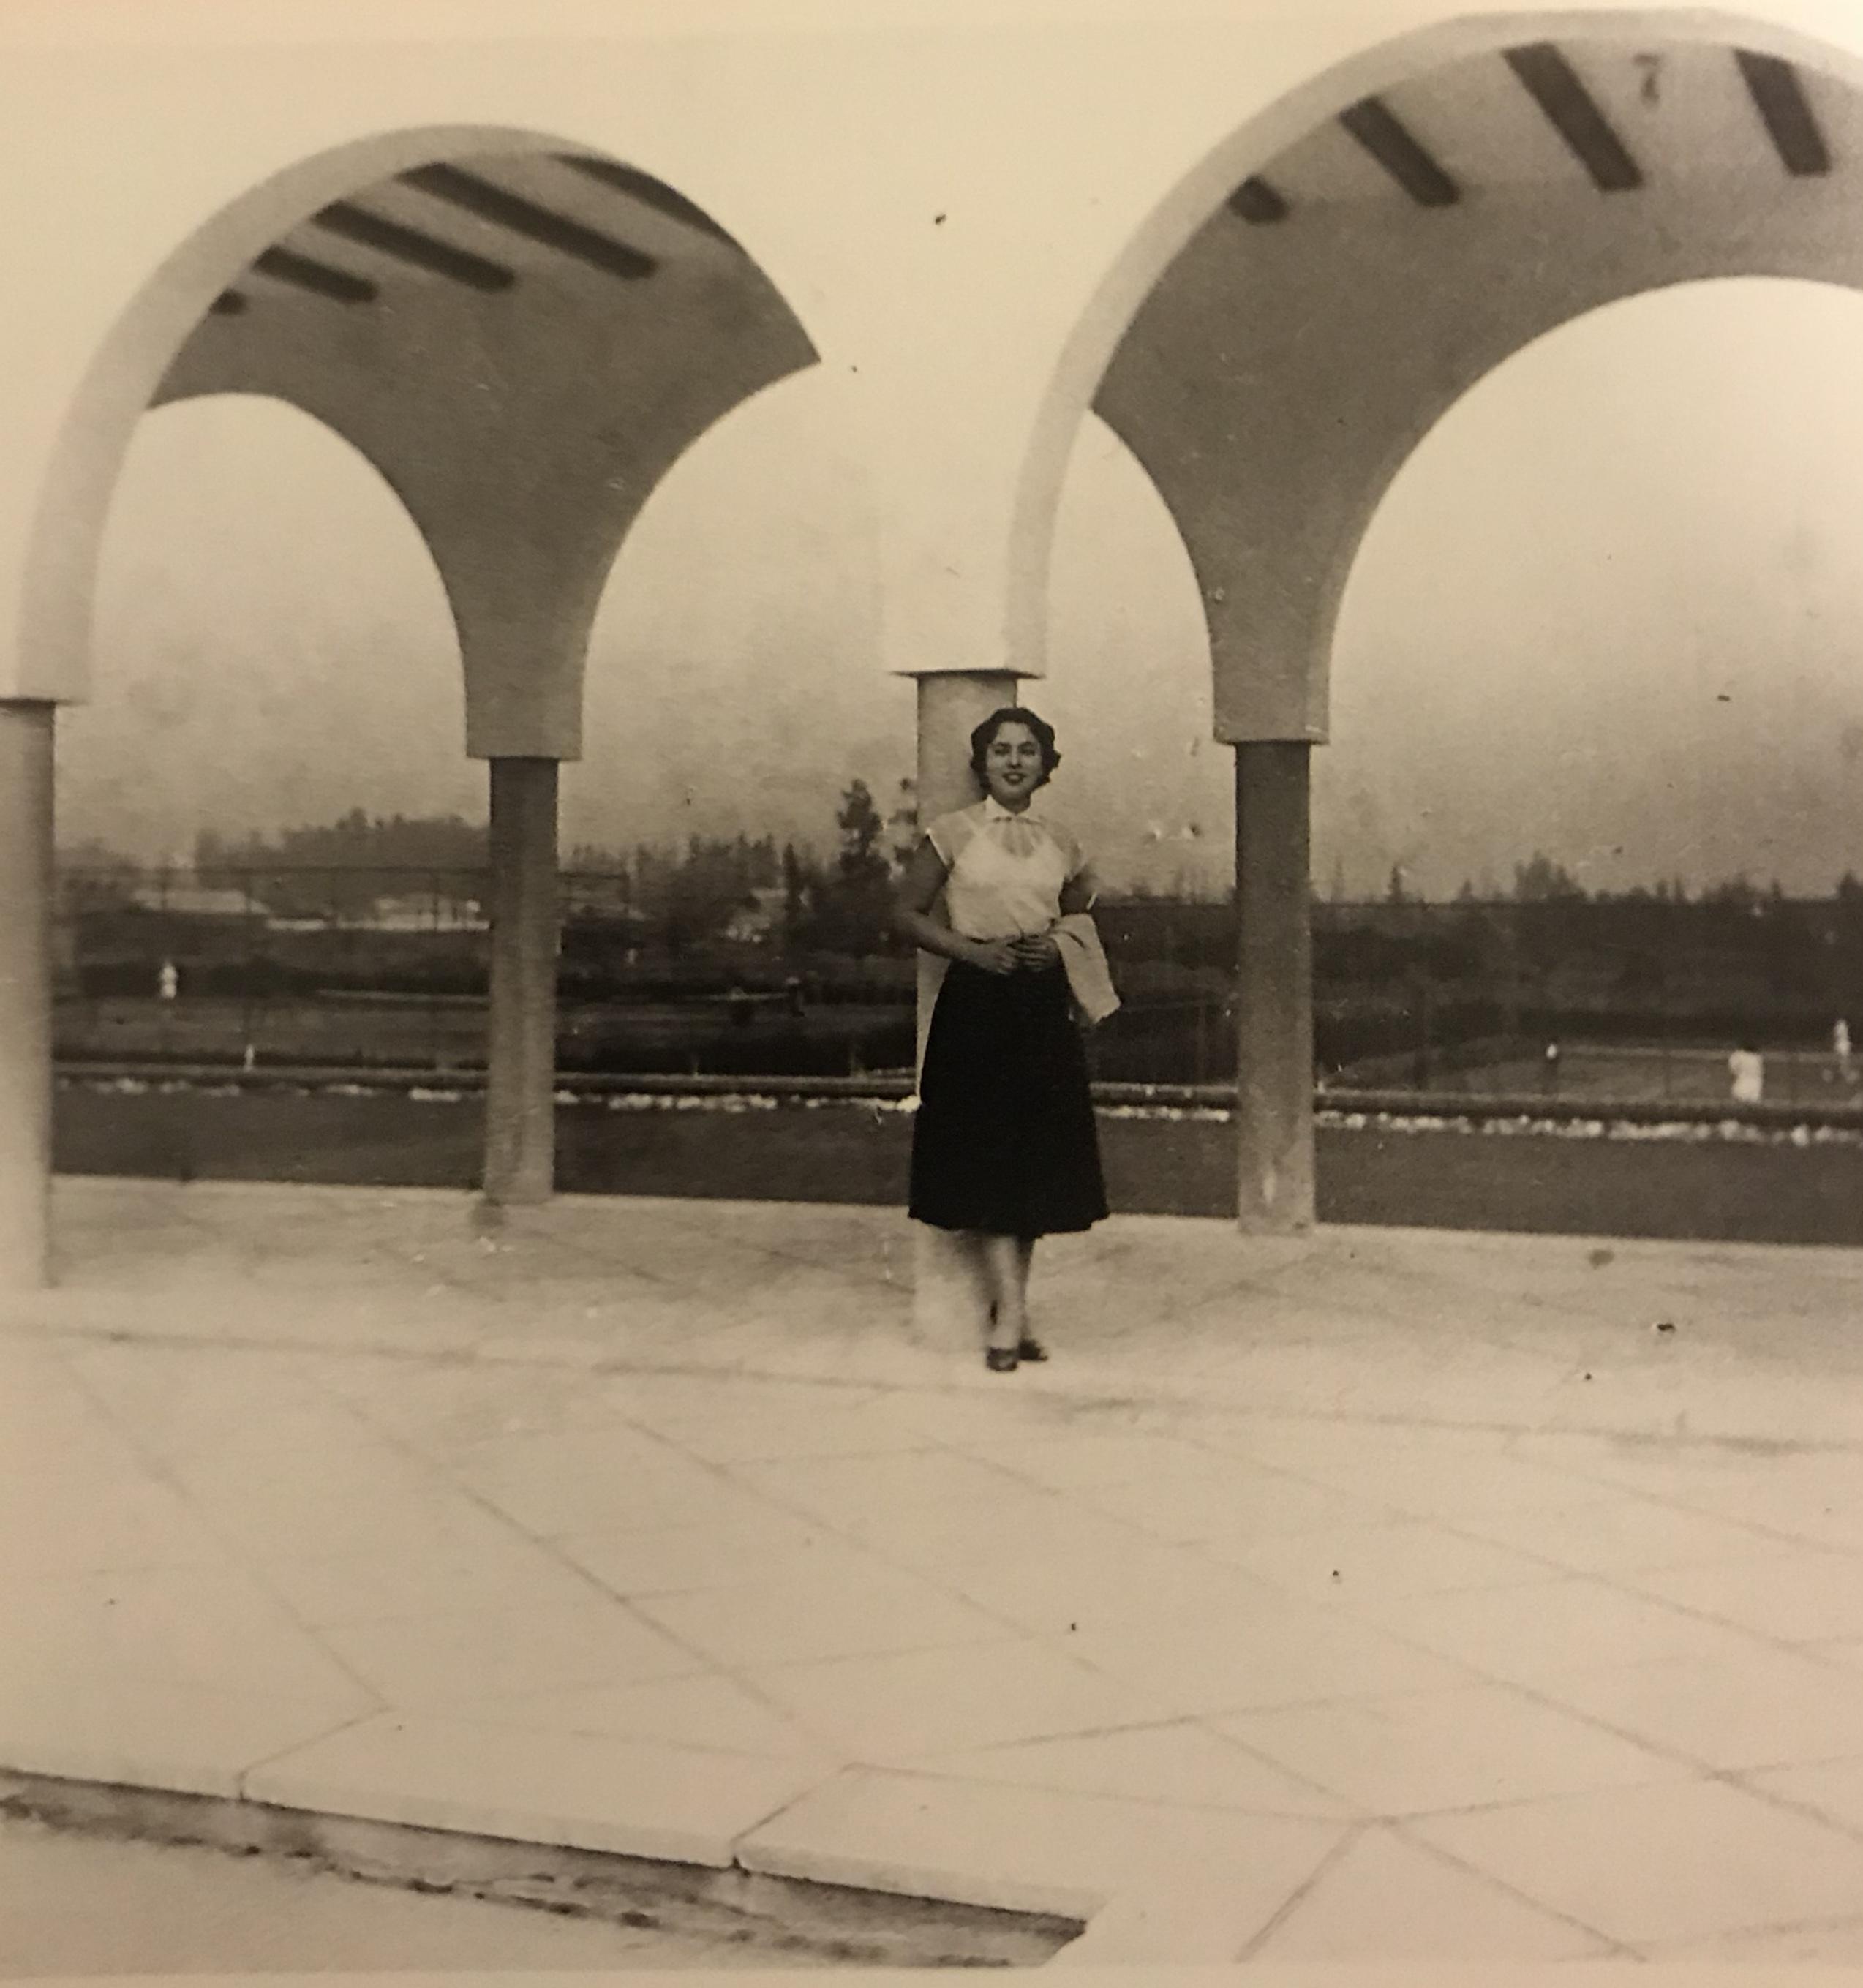 Enterreno - Fotos históricas de chile - fotos antiguas de Chile - Estadio Español de Santiago, 1952